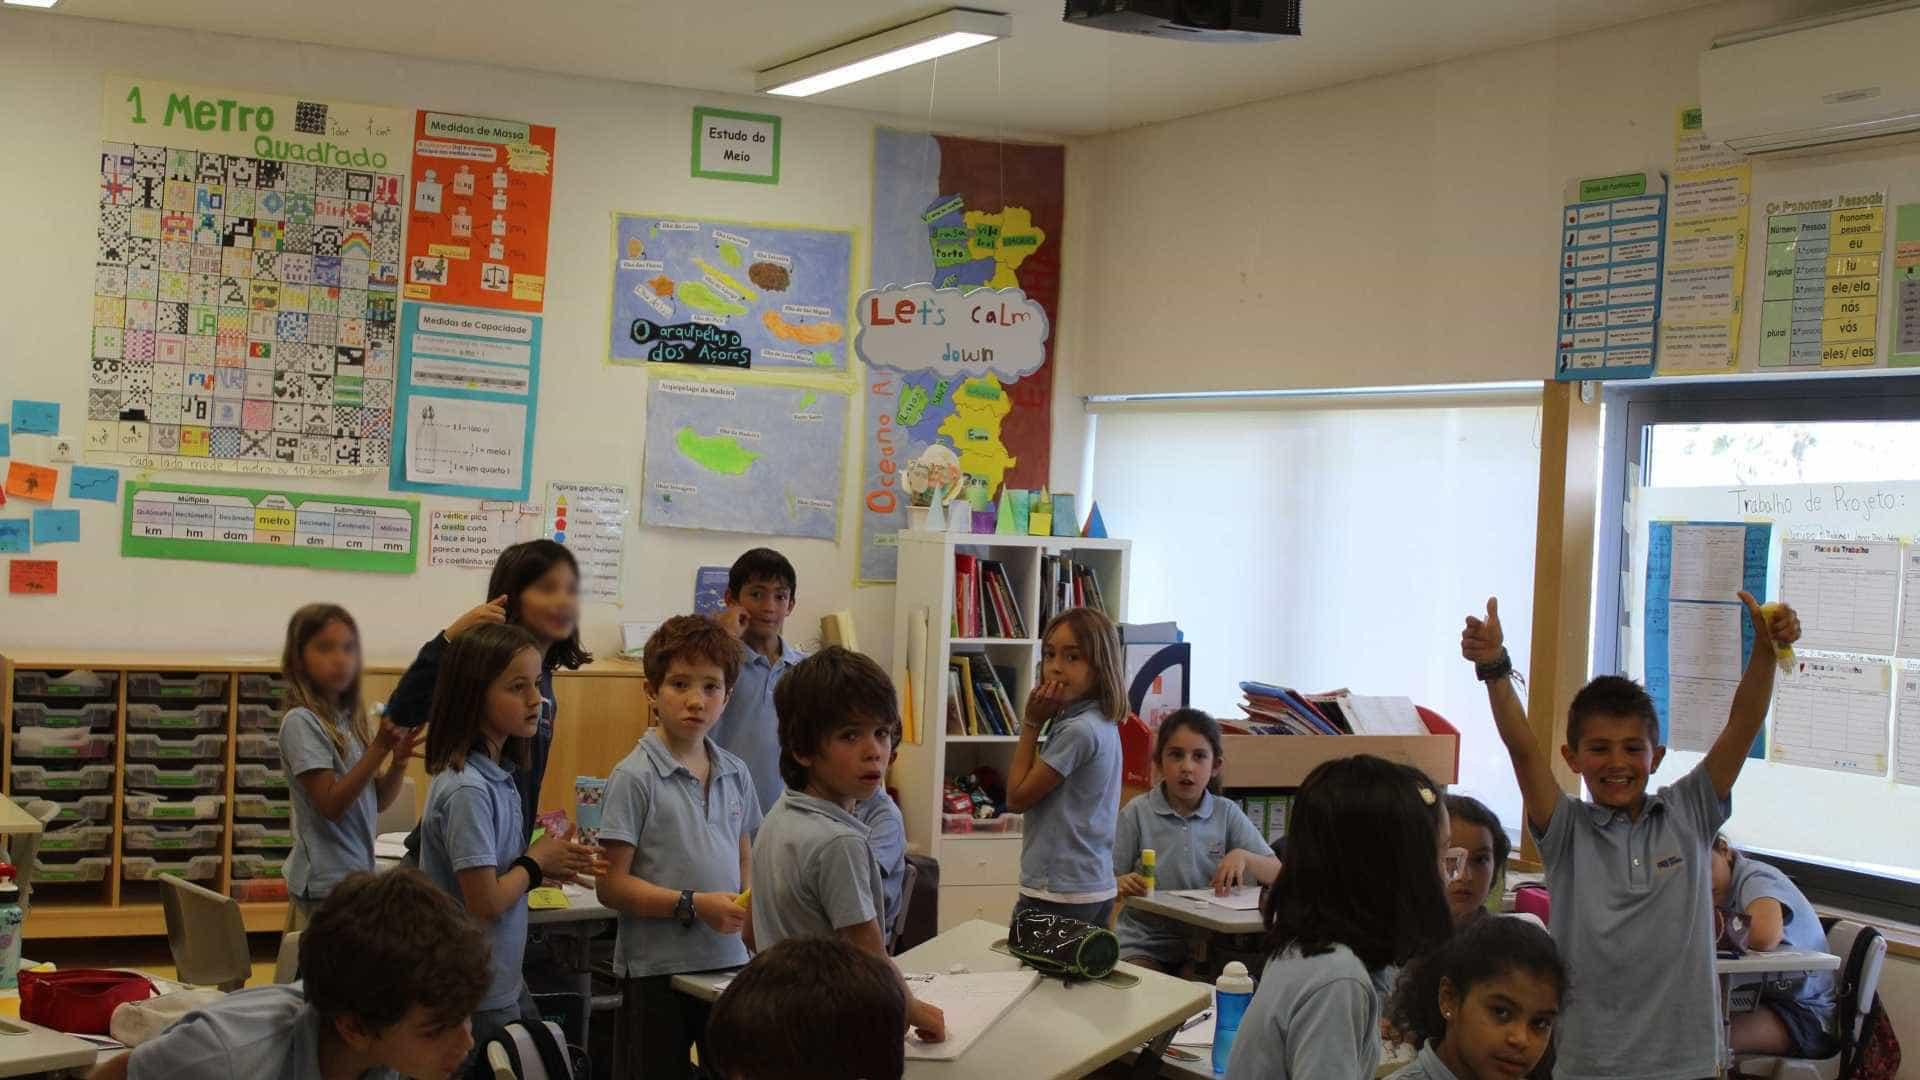 Nesta escola, os alunos aprendem com iPads e Minecraft e andam descalços